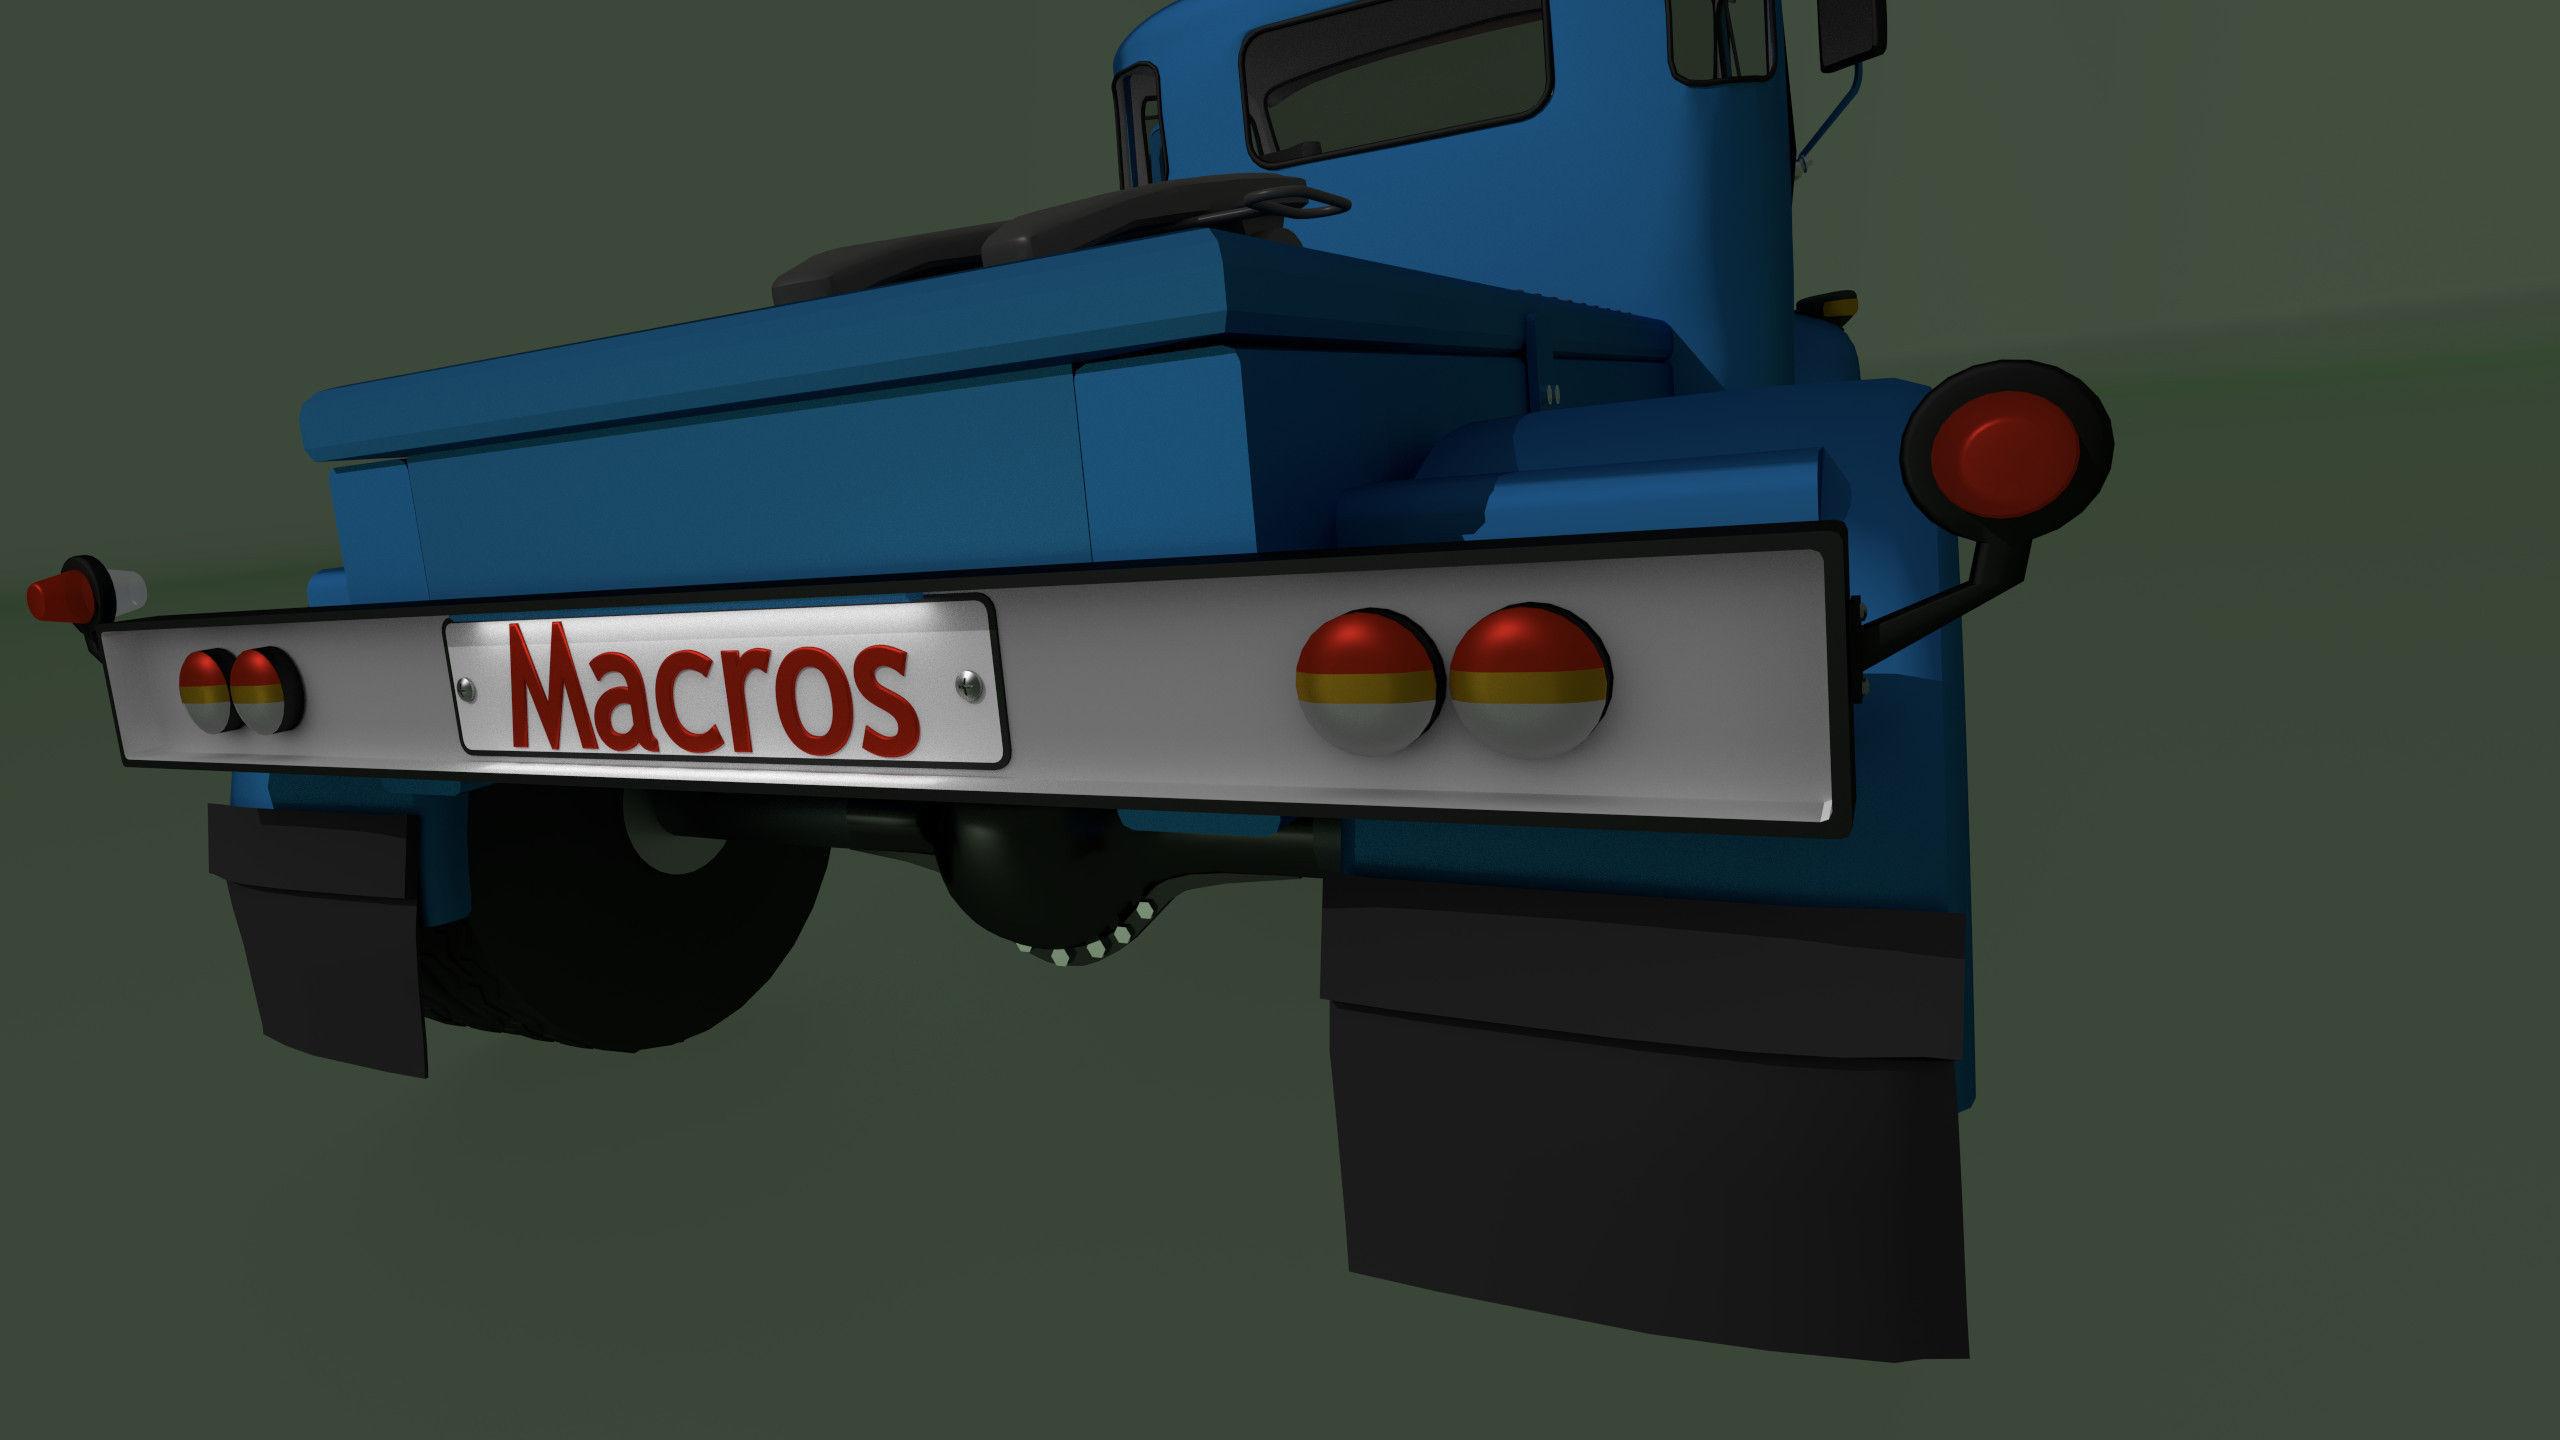 Macros Food Truck